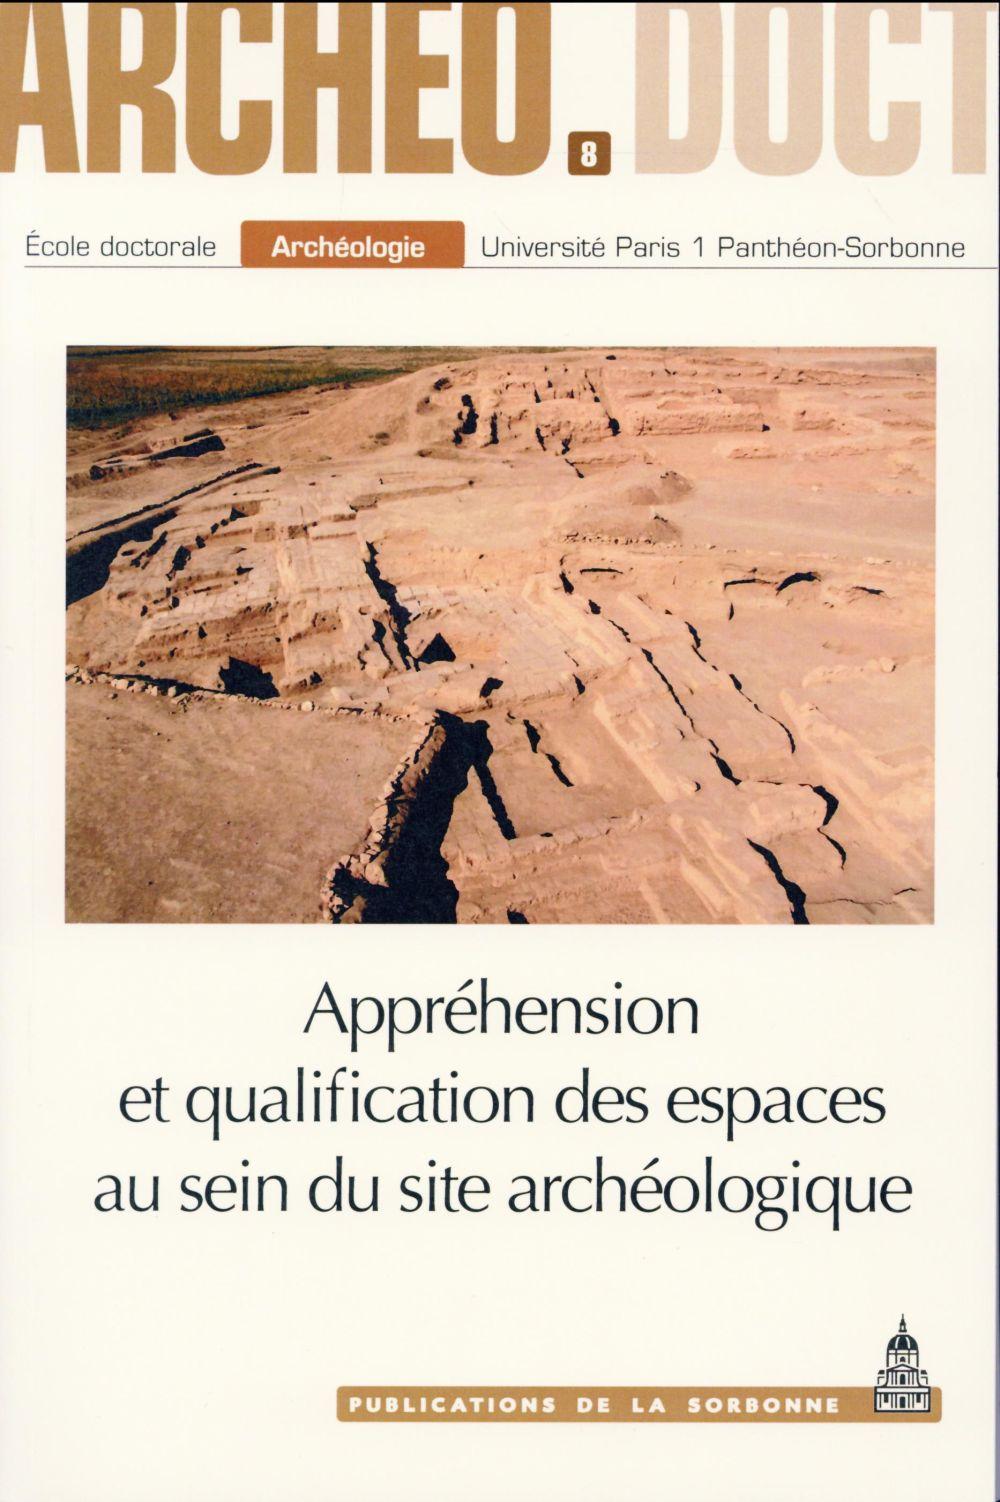 Apprehension et qualification des espaces au sein du site archeologique